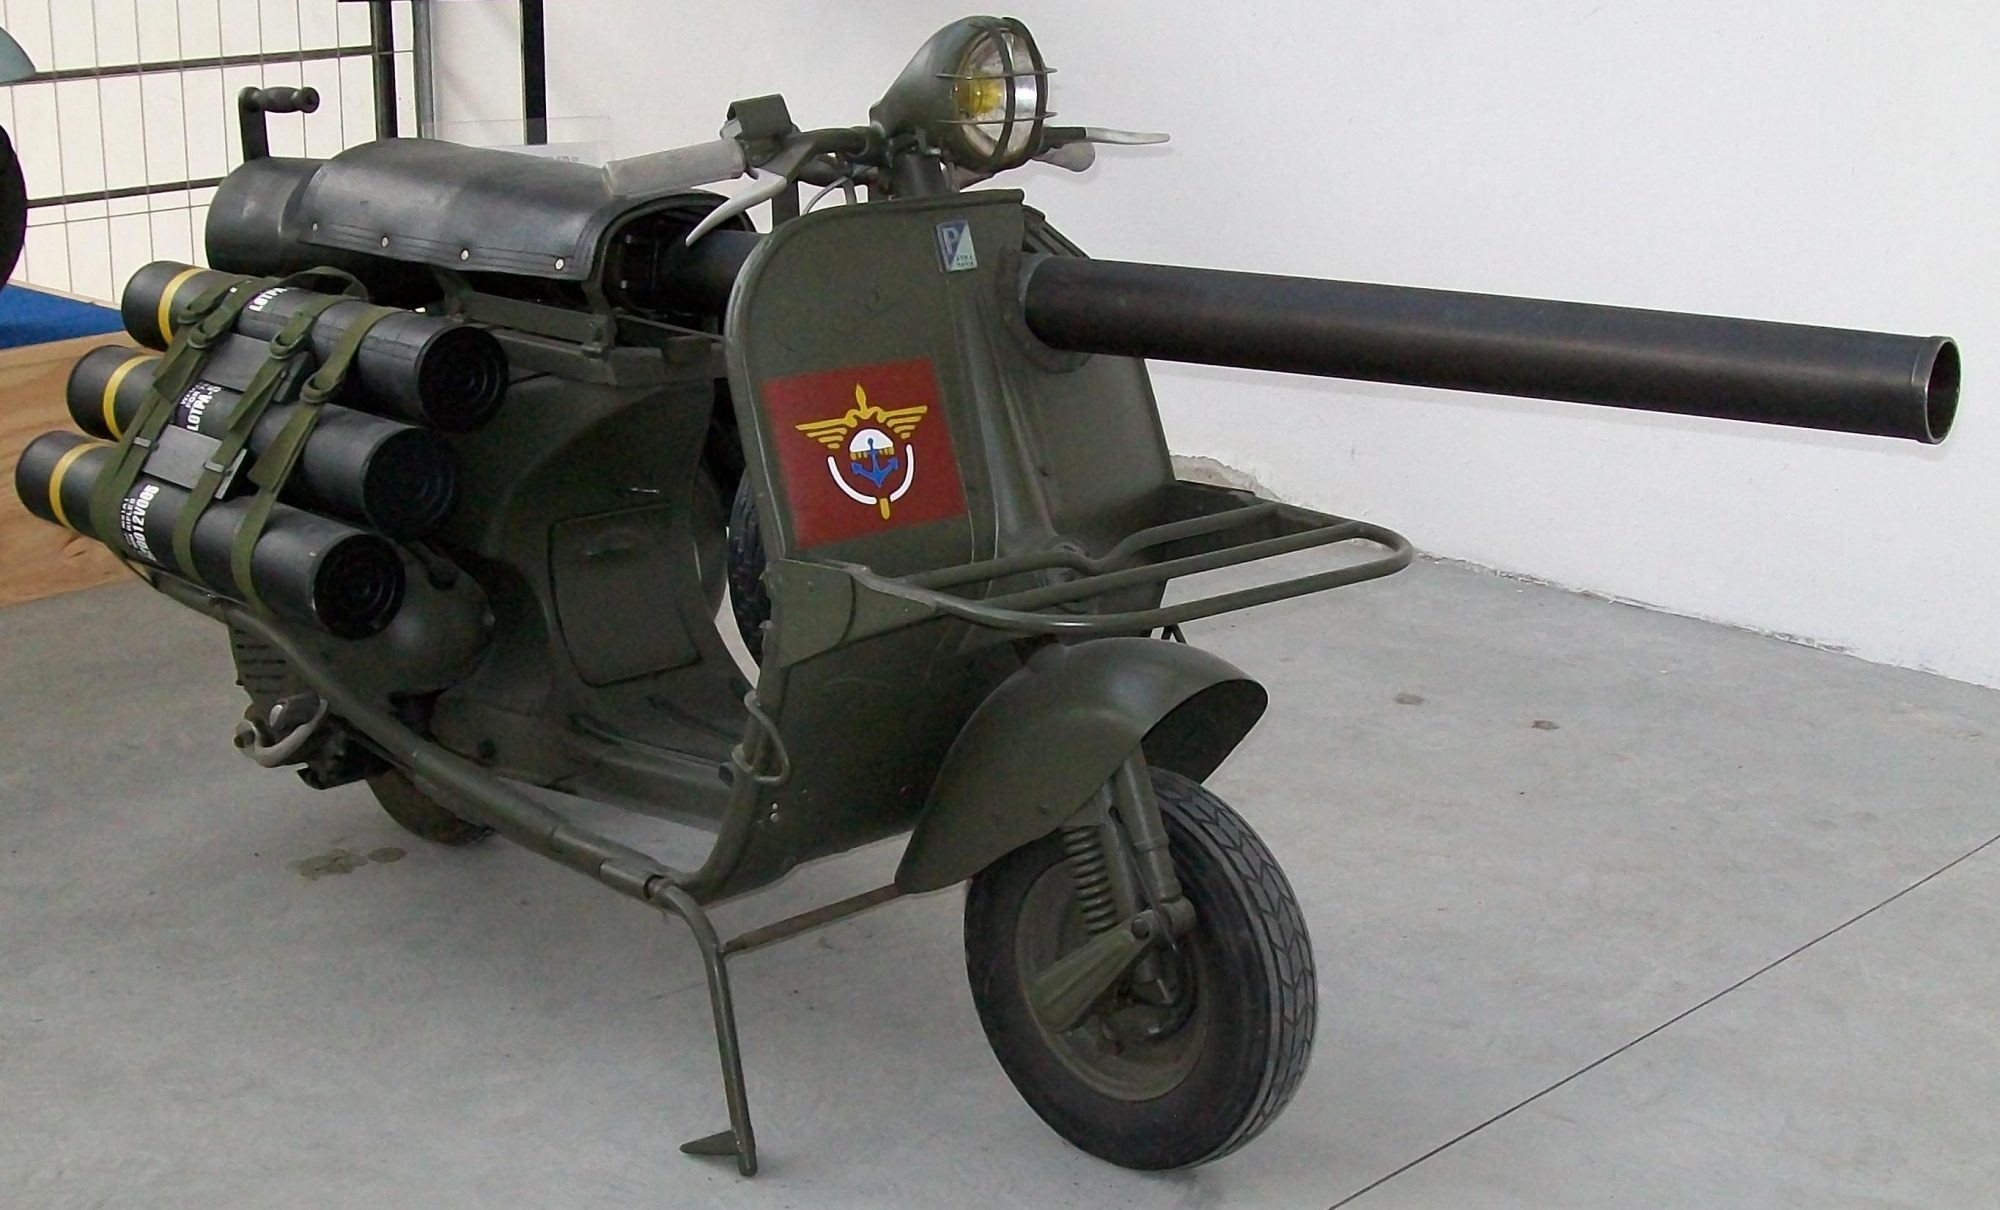 Dans les années 1950, l'armée française utilisait des… scooters canon